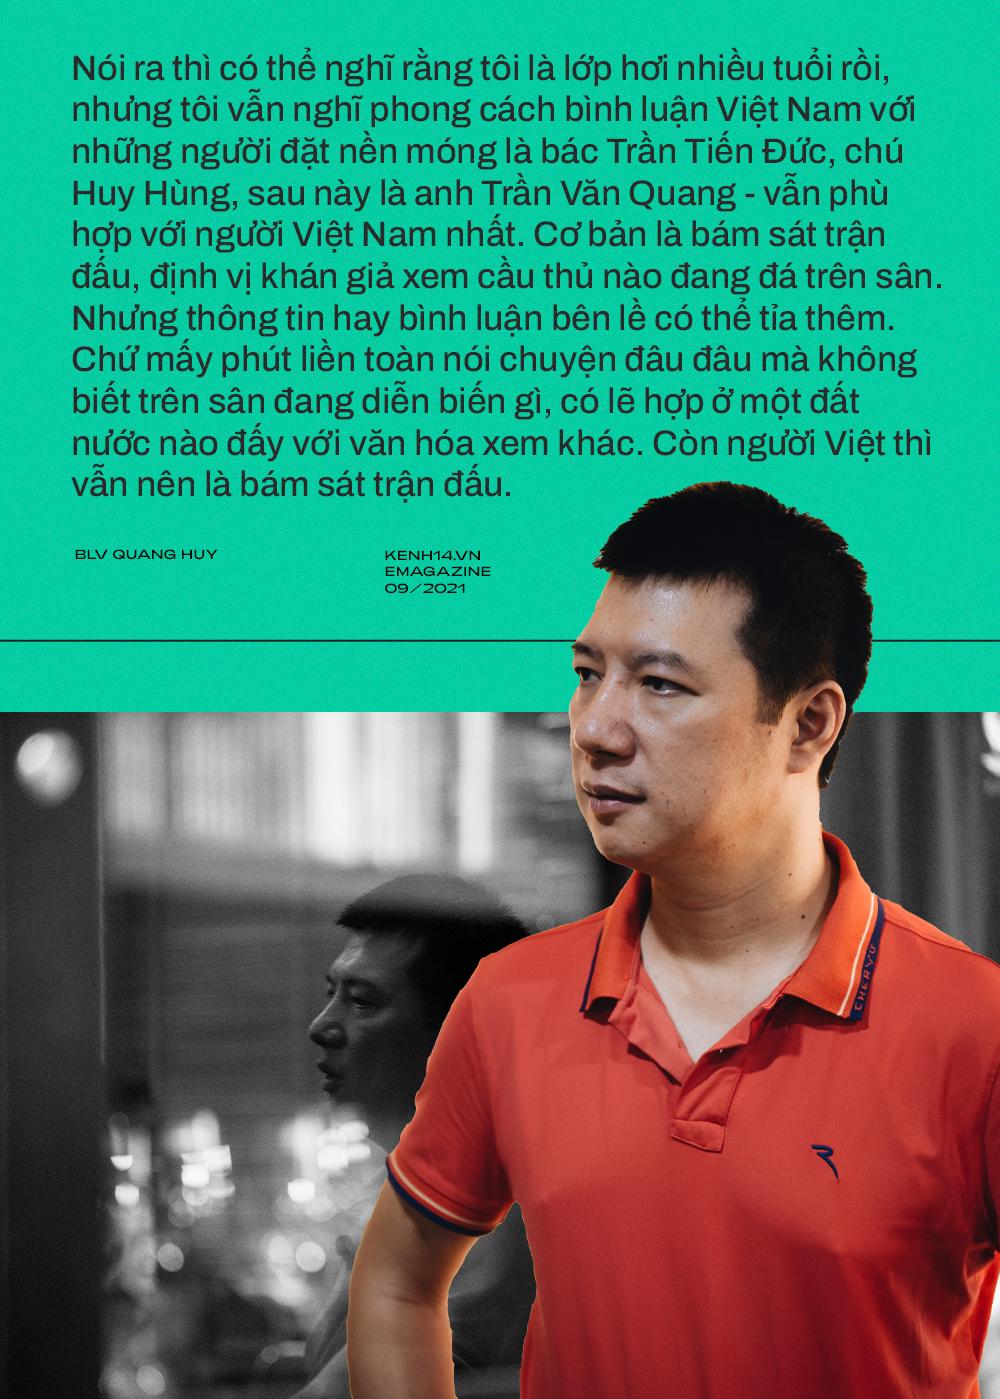 BLV Quang Huy: Tôi không thể nhớ đường nhưng sẽ nhớ tên cầu thủ mới, trận đấu nào quá nhiều cảm xúc tôi sẽ ngủ lại cơ quan - Ảnh 23.